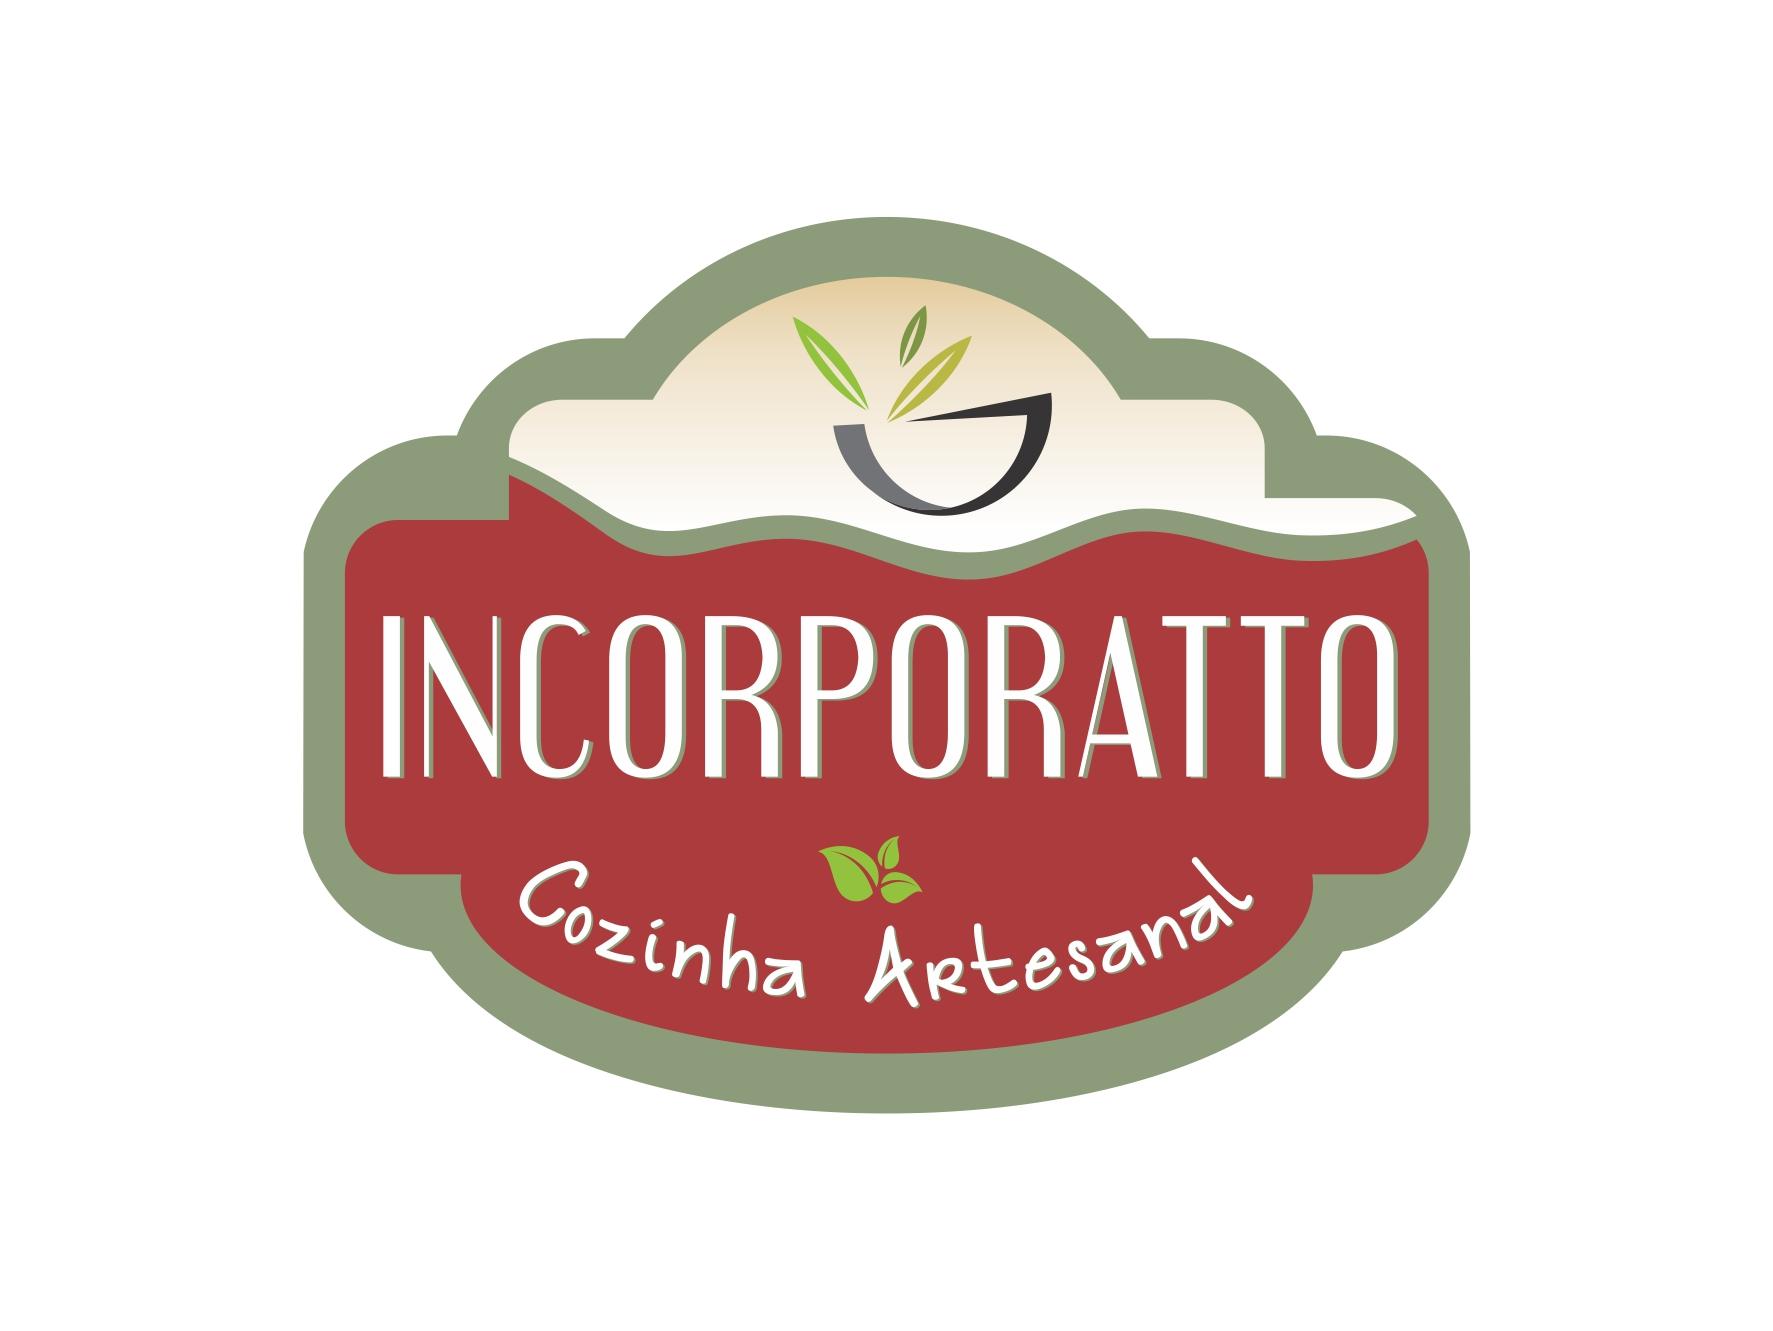 Incorporatto_02